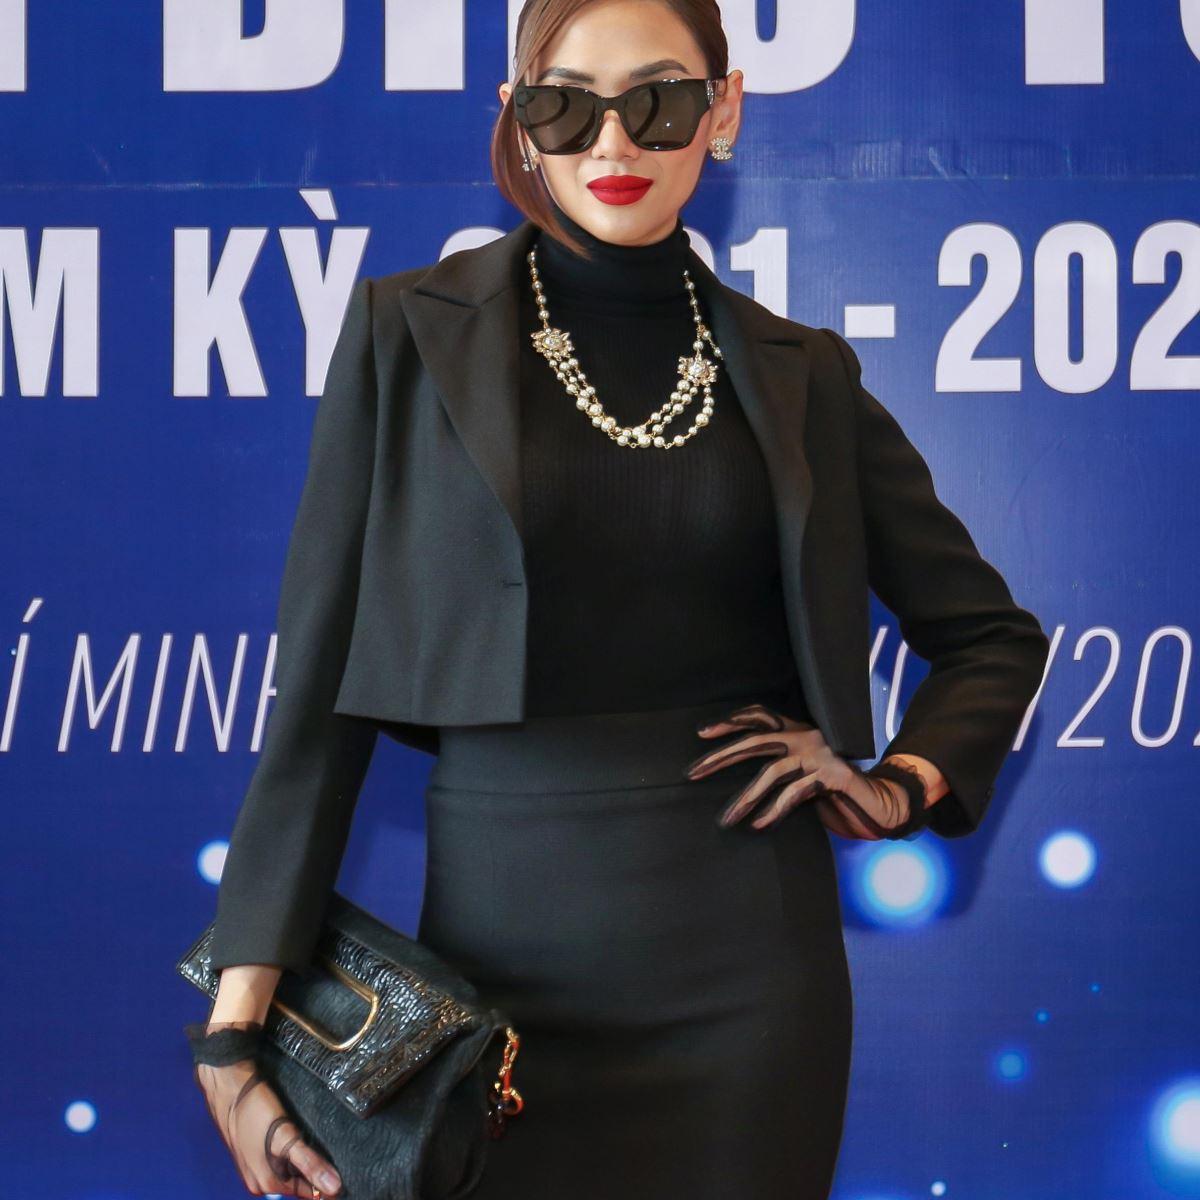 Đại hội đại biểu Hội người mẫu Việt Nam, nhiệm kỳ 3, siêu mẫu, Vũ Thu Phương, Lan Khuê, Minh Tú, Võ Hoàng Yến, người mẫu, nghề người mẫu